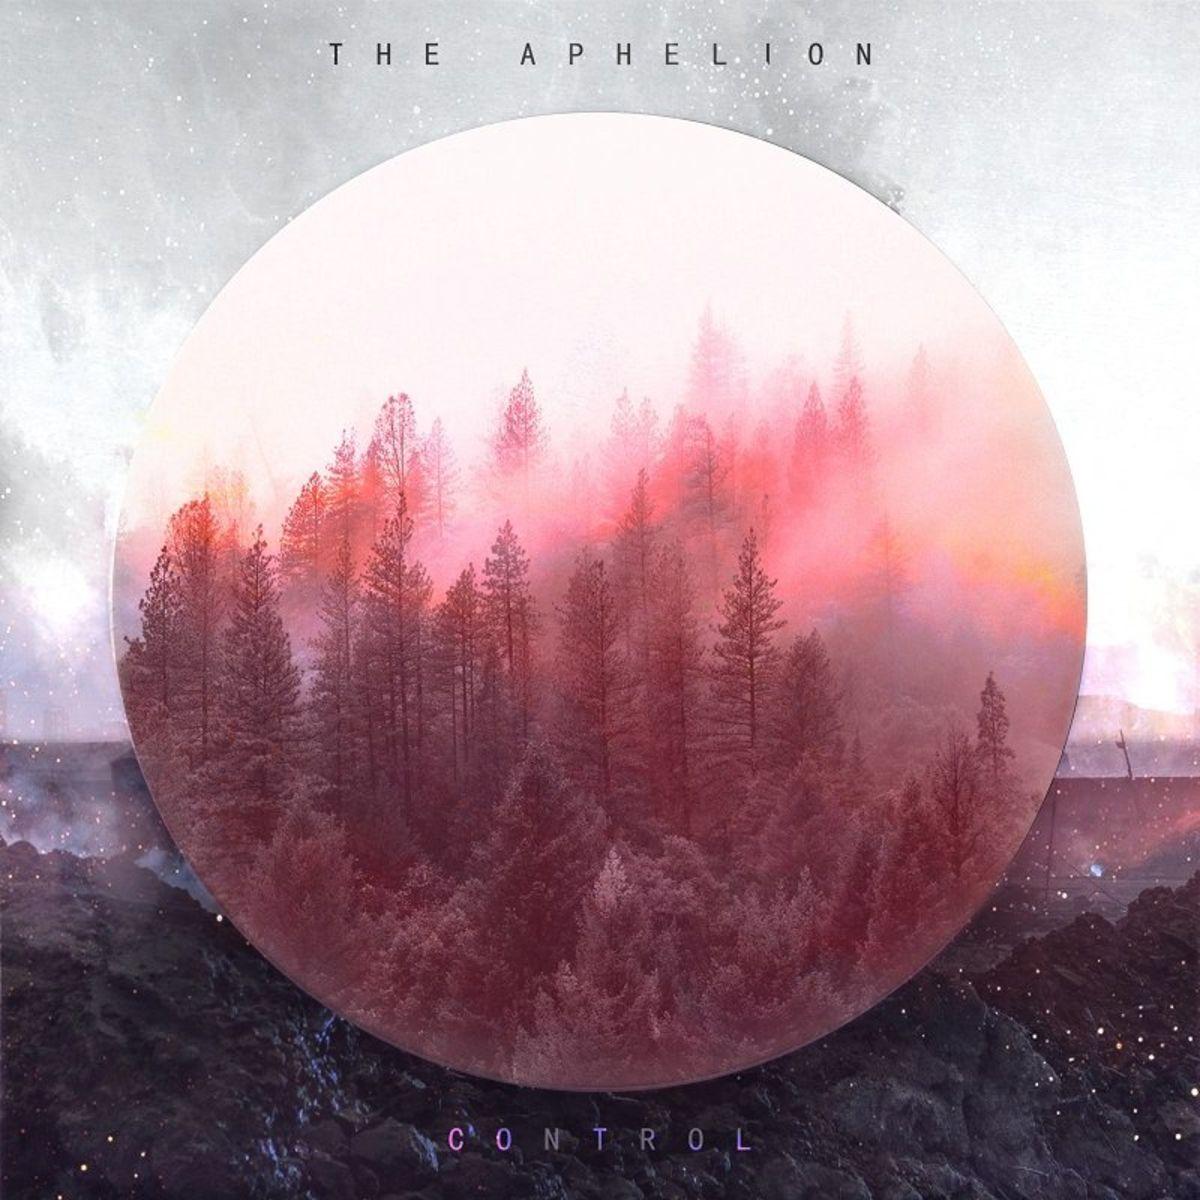 The Aphelion - Control [EP] (2020)